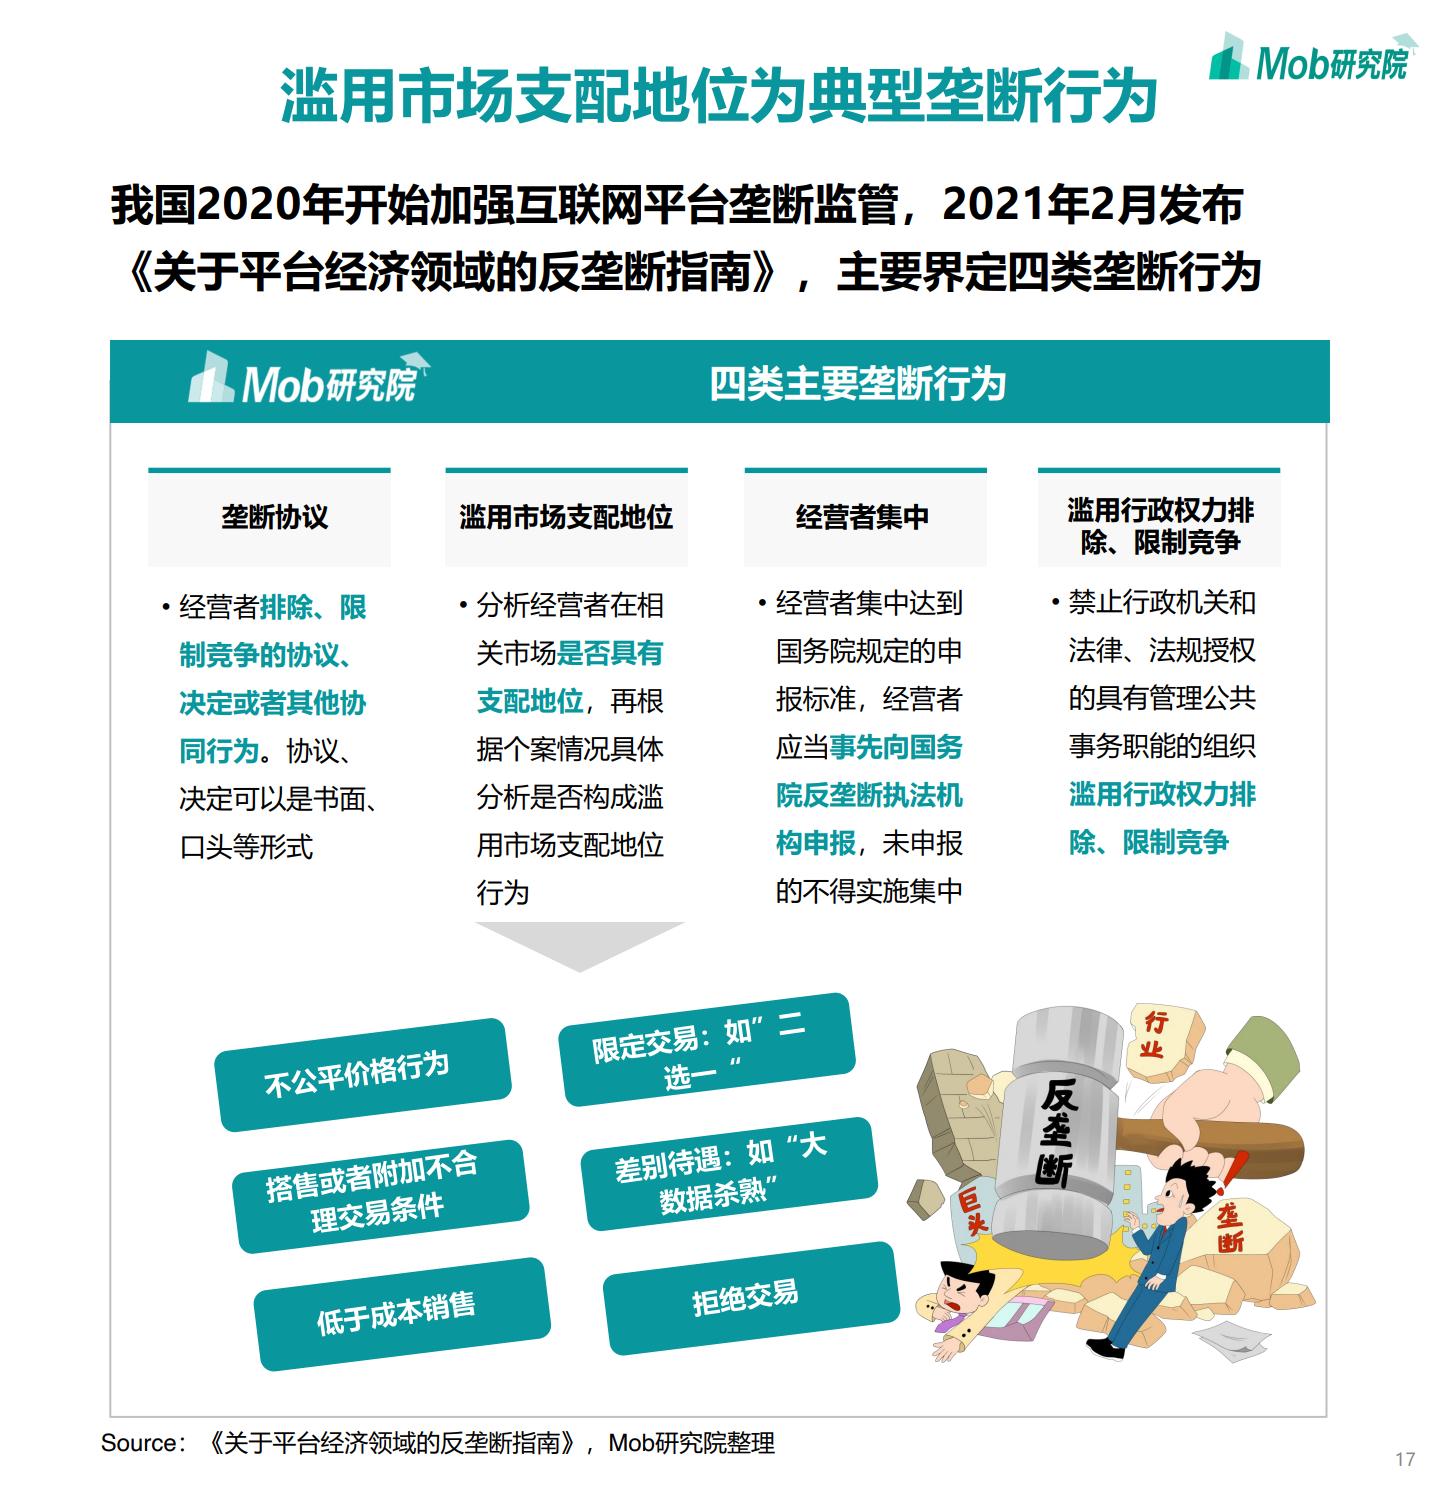 2021年中国移动互联网半年度大报告插图16